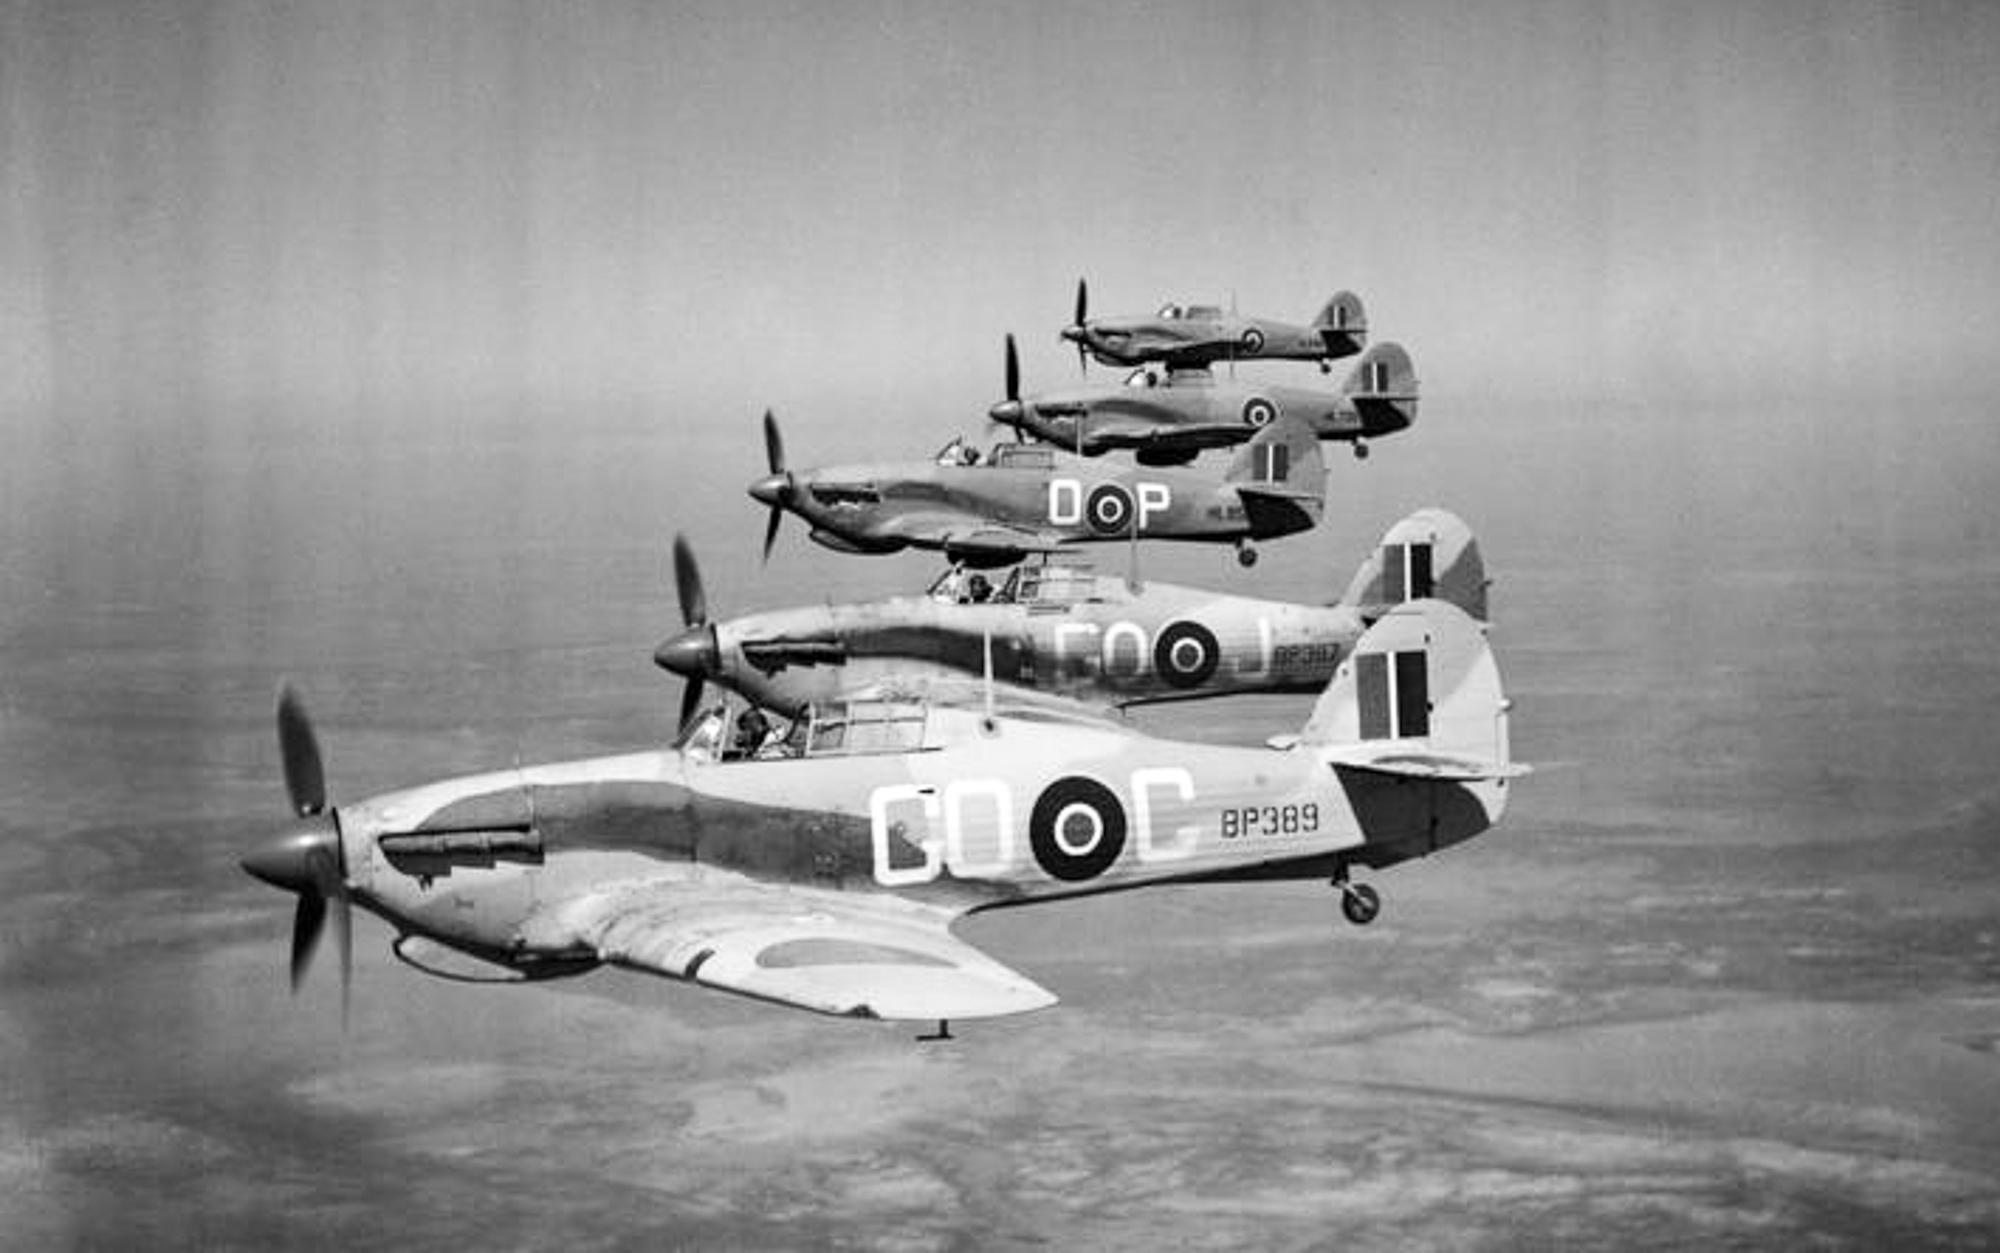 Hawker Hurricane - No. 94 Squadron